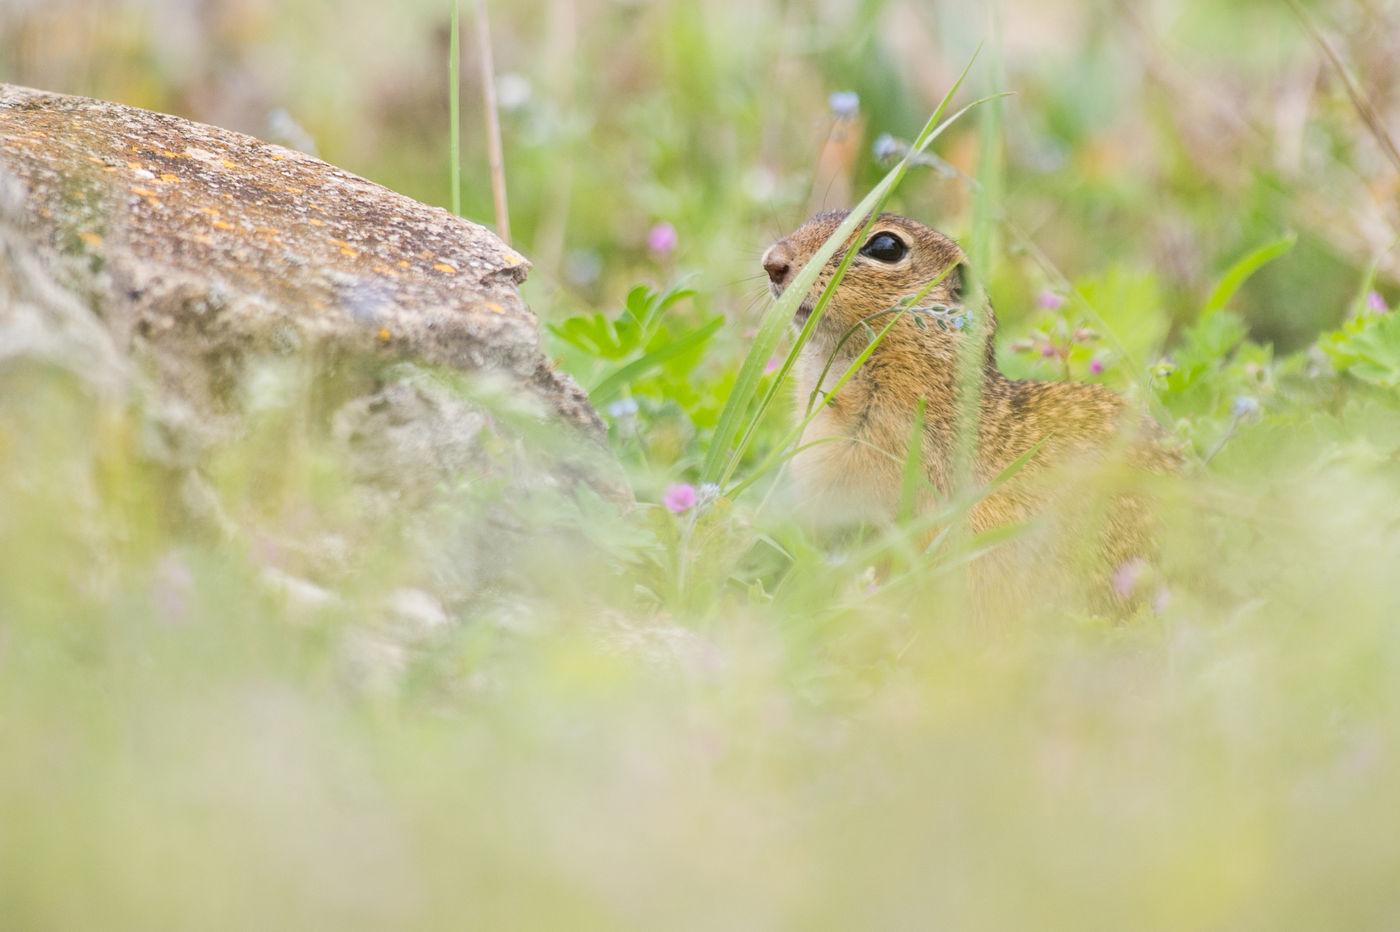 De siesel komt voor op de steppes van Oost-Europa, en is een fotogeniek beestje. © Billy Herman